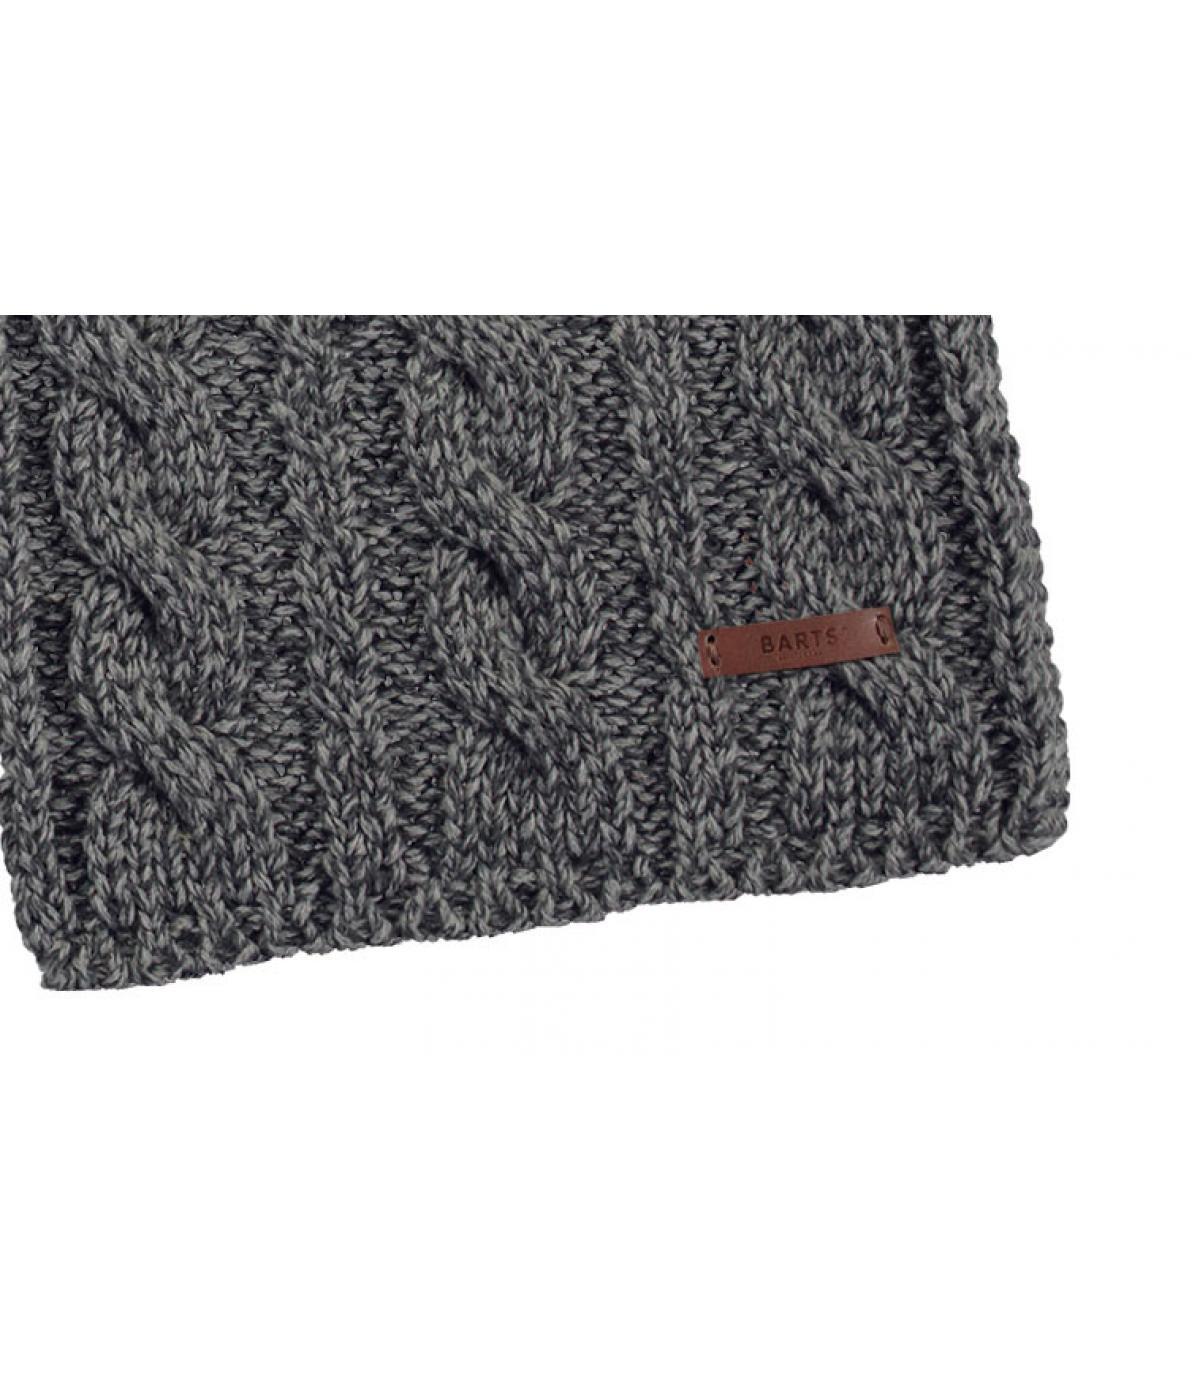 Details Twister Scarf heather grey - Abbildung 2